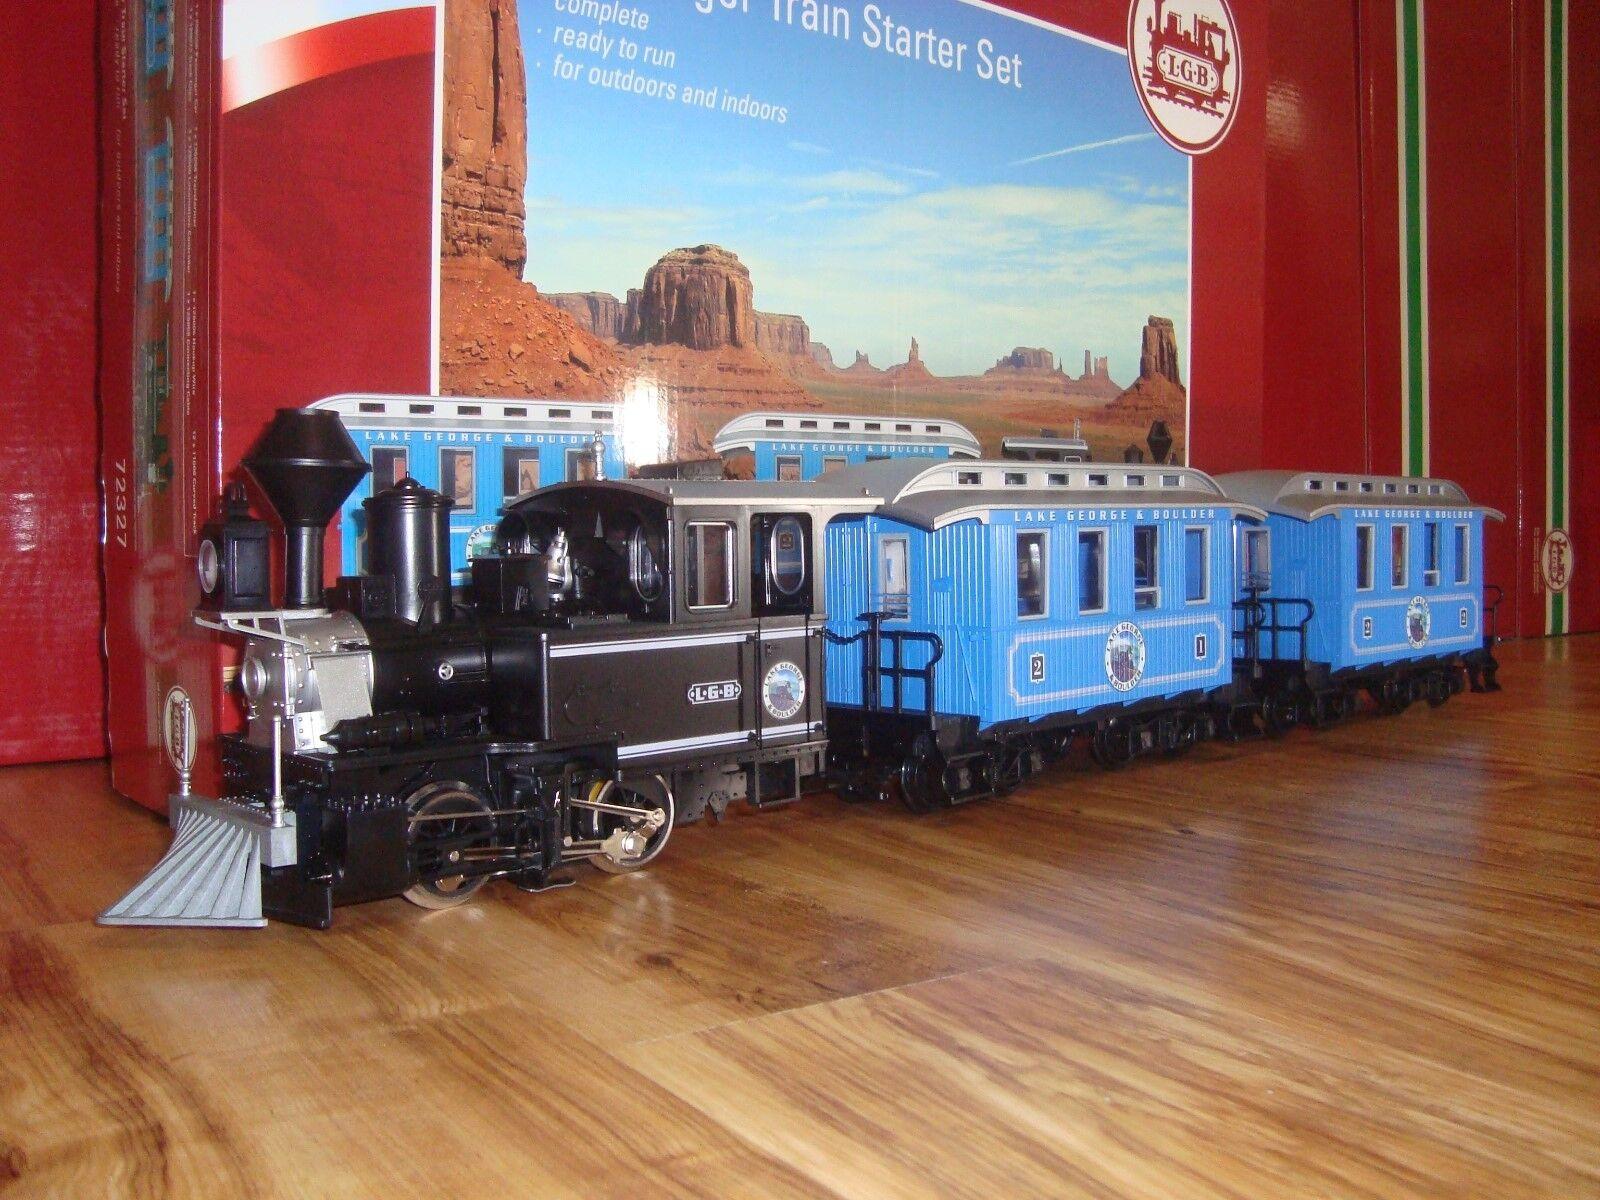 precios mas baratos LGB 72327 L.g. L.g. L.g. & B. vapor Tren de pasajeros Conjunto de 3 piezas no Track & Tansformer New  Mejor precio